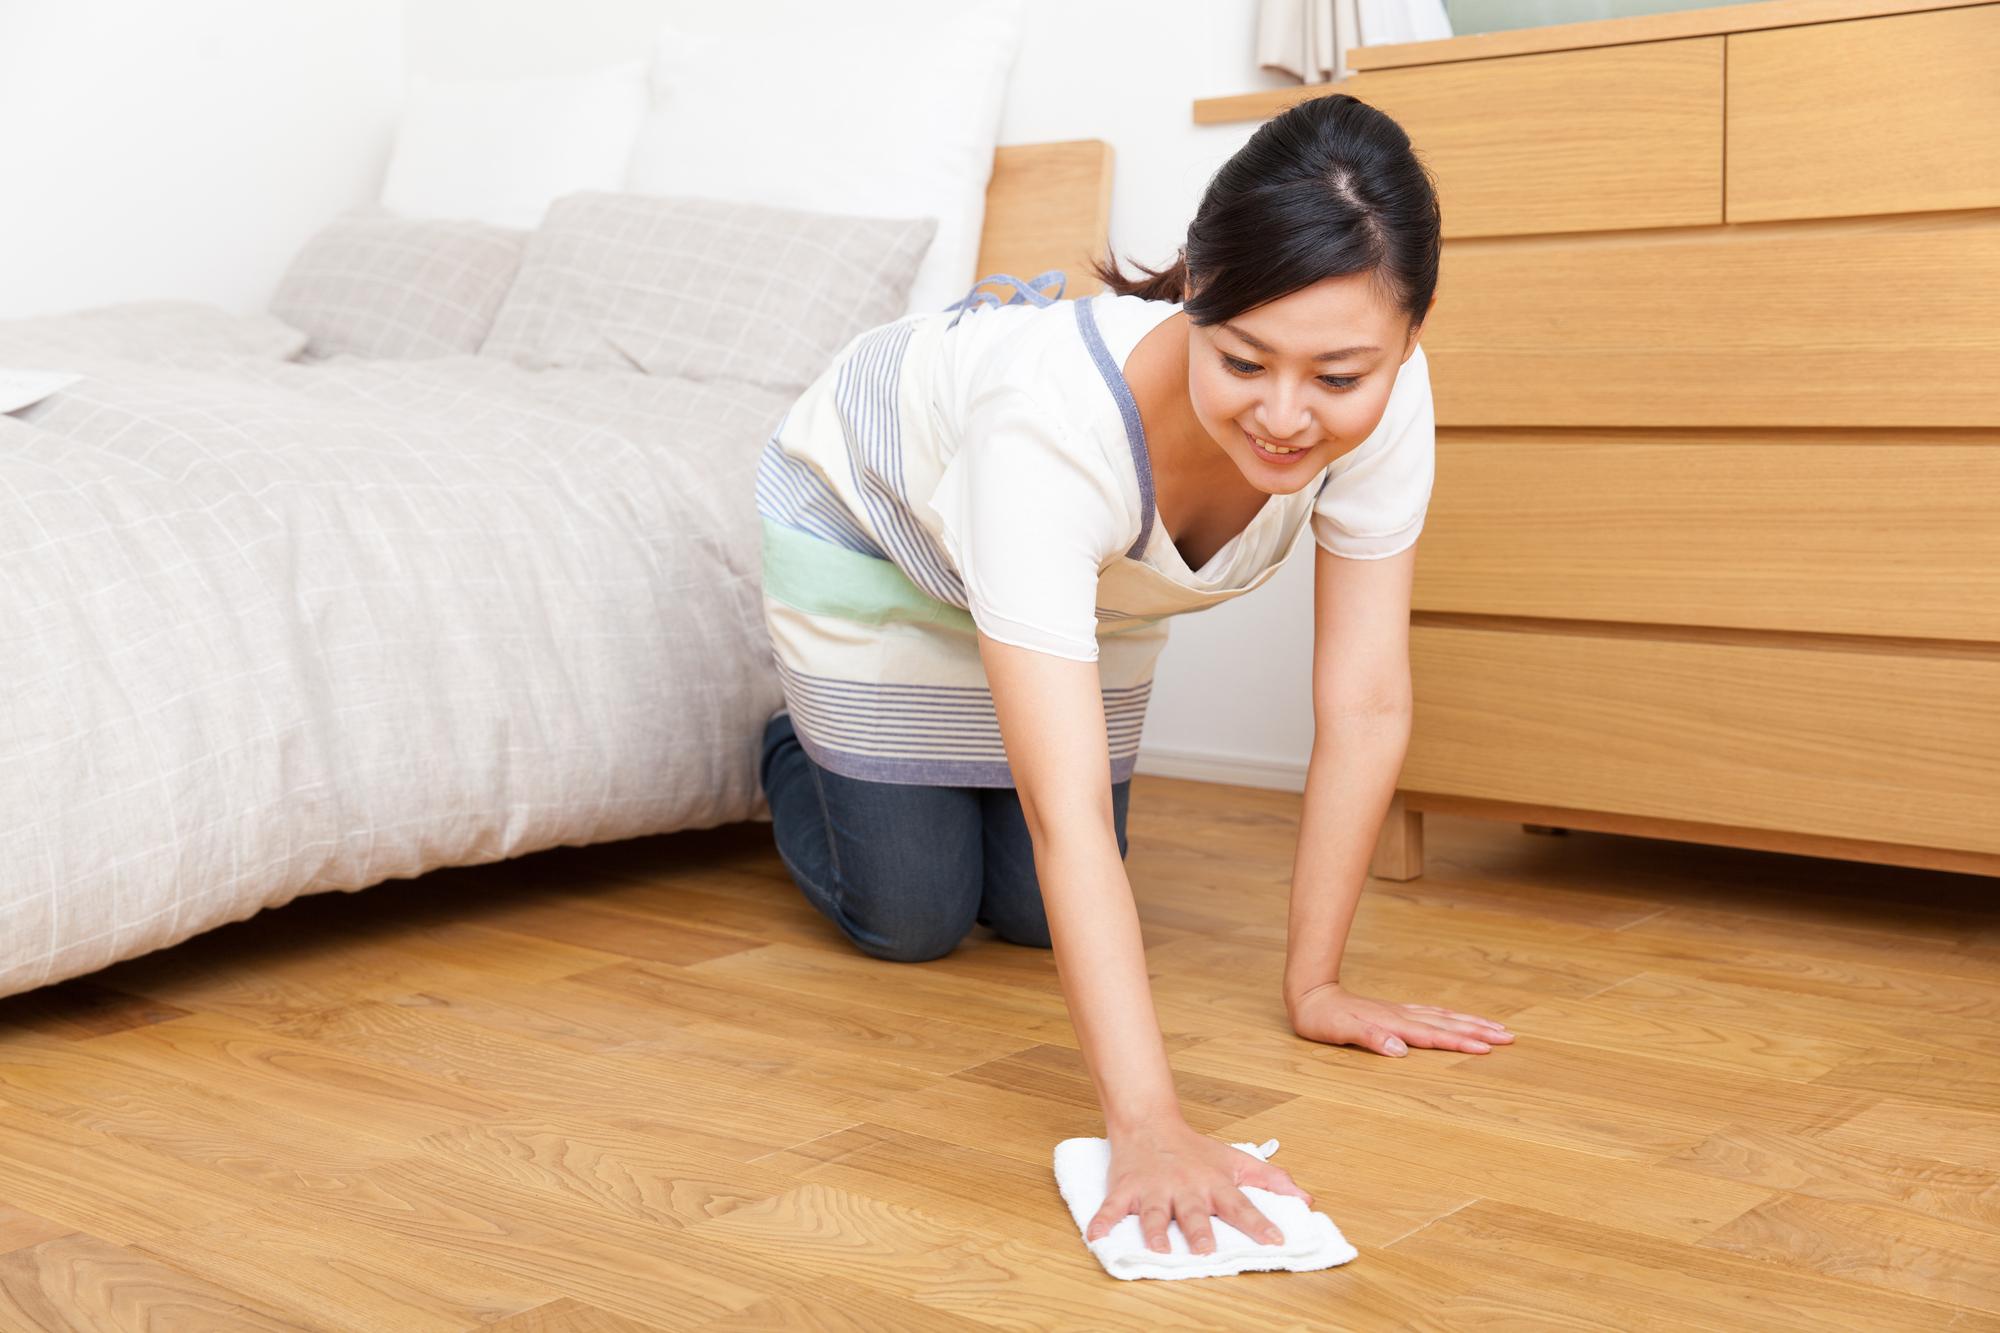 新居の床を拭き掃除する女性